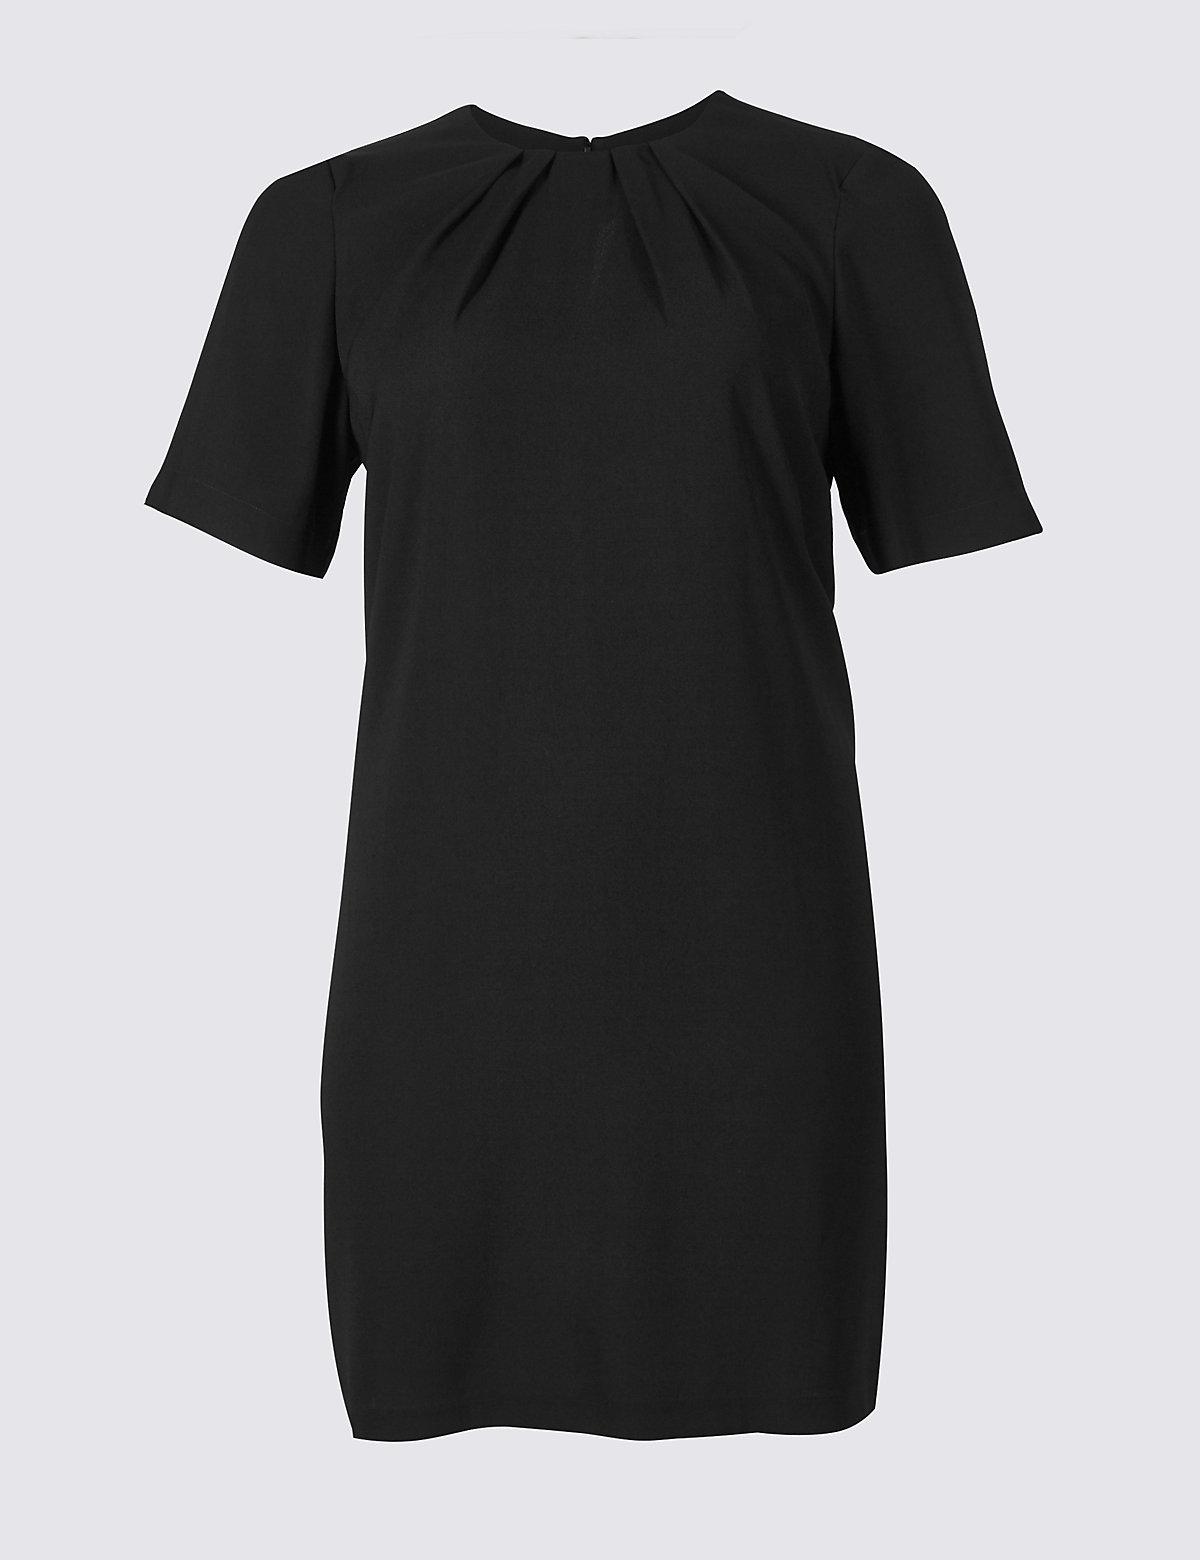 Plain Black Dresses